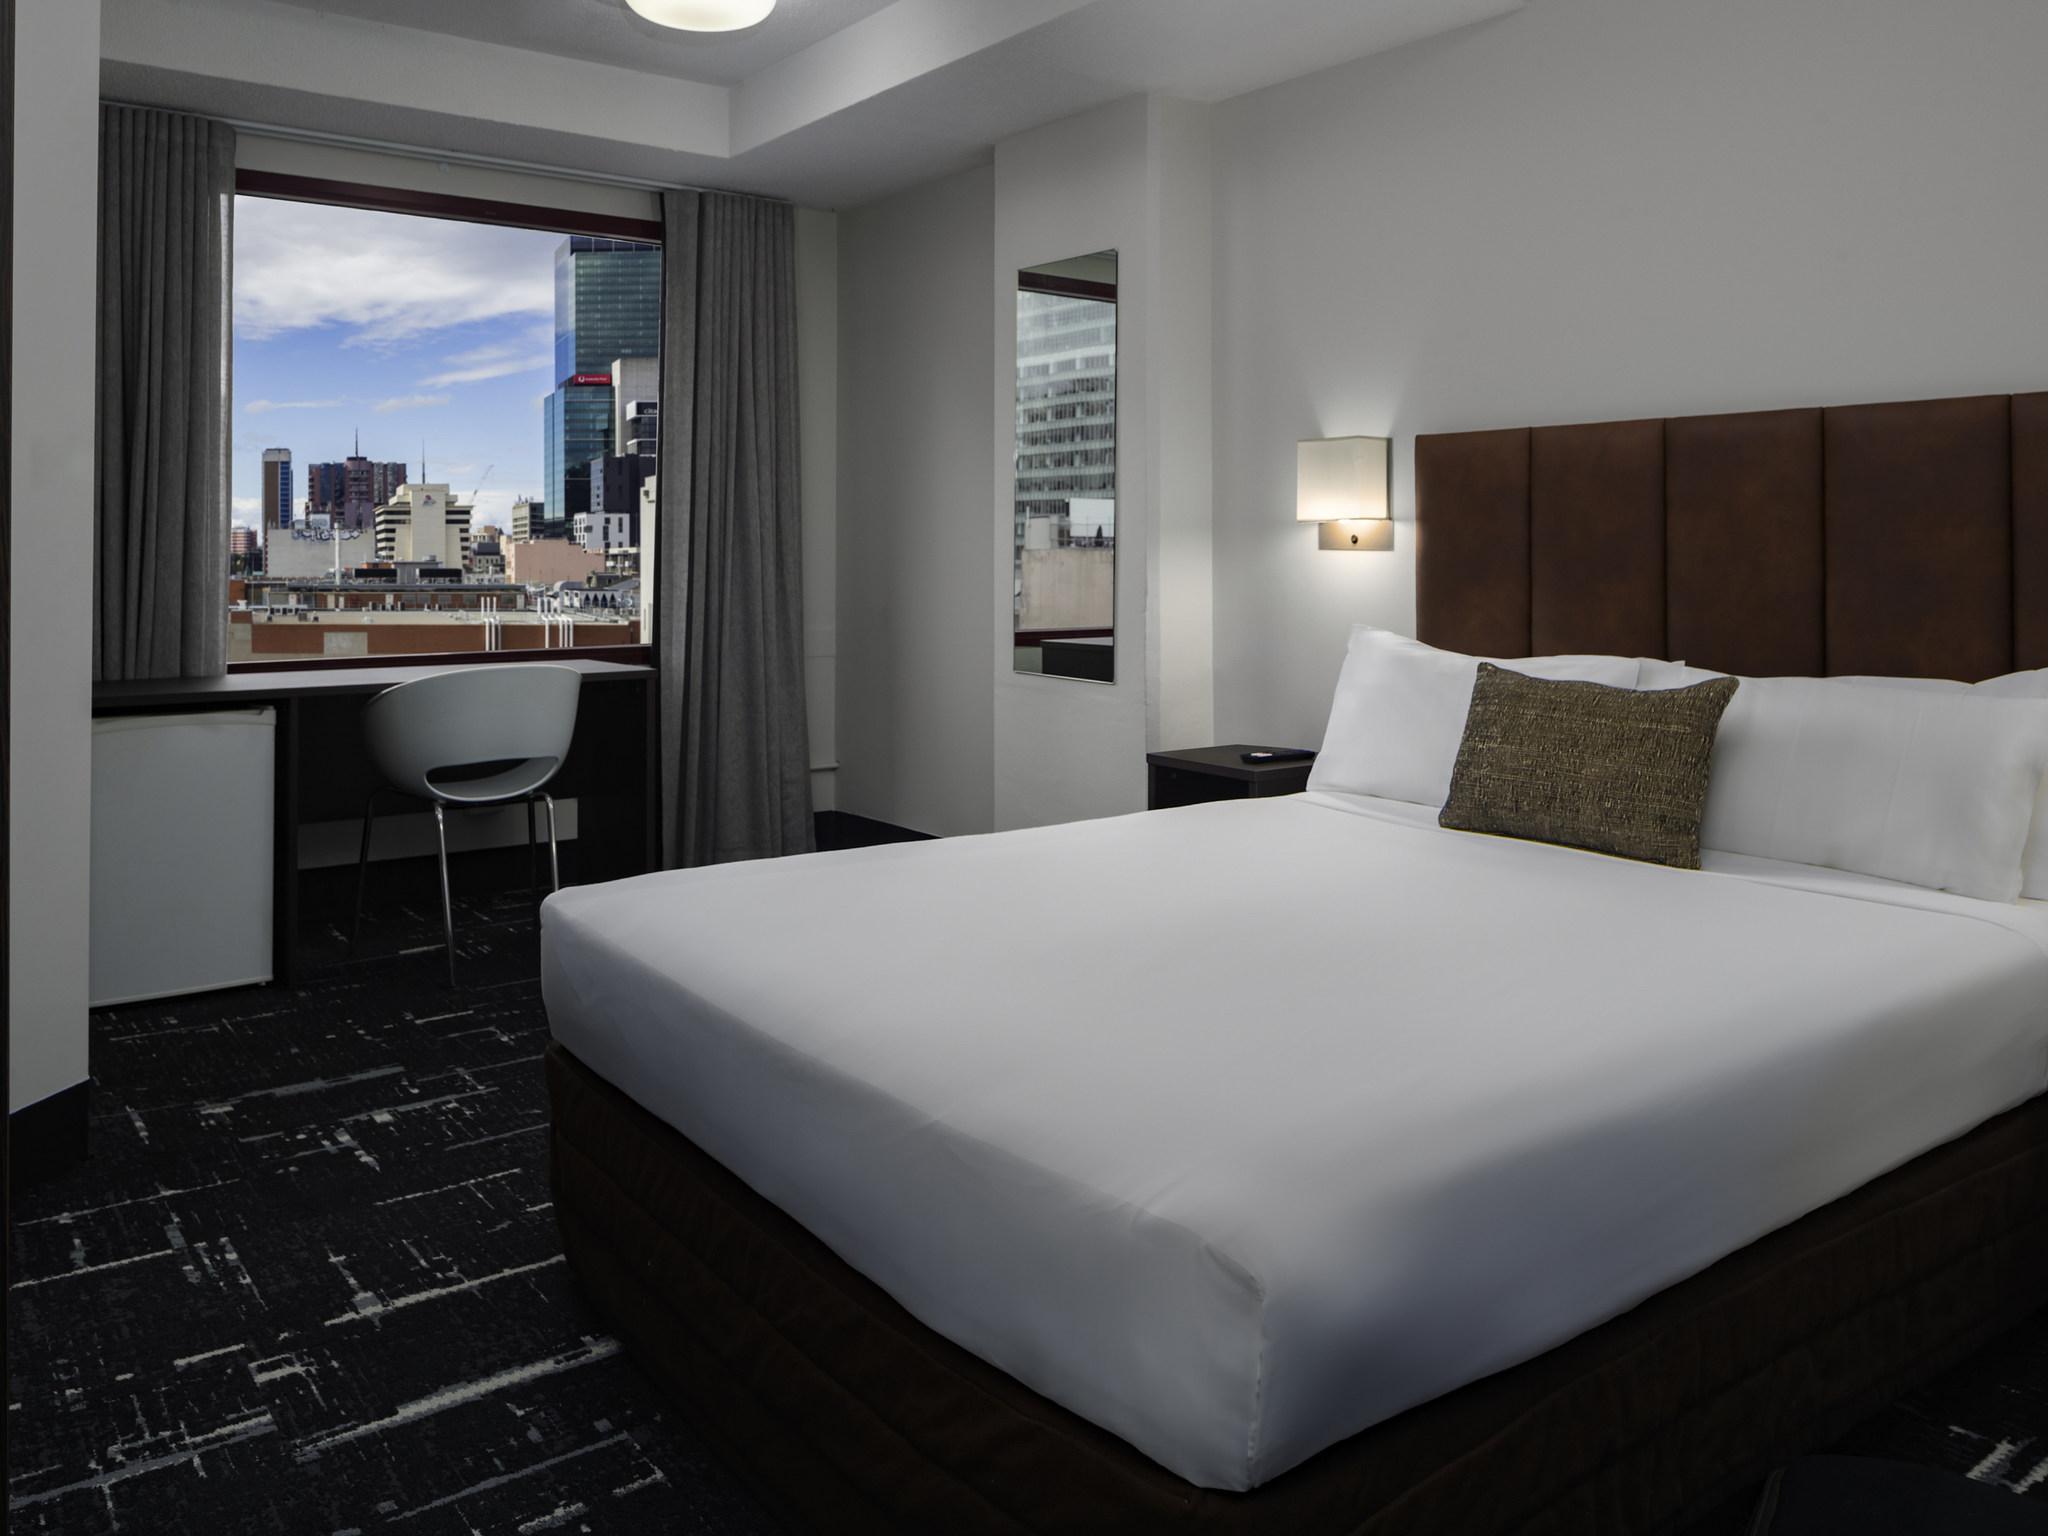 โรงแรม – เมอร์เคียว เวลคัม เมลเบิร์น